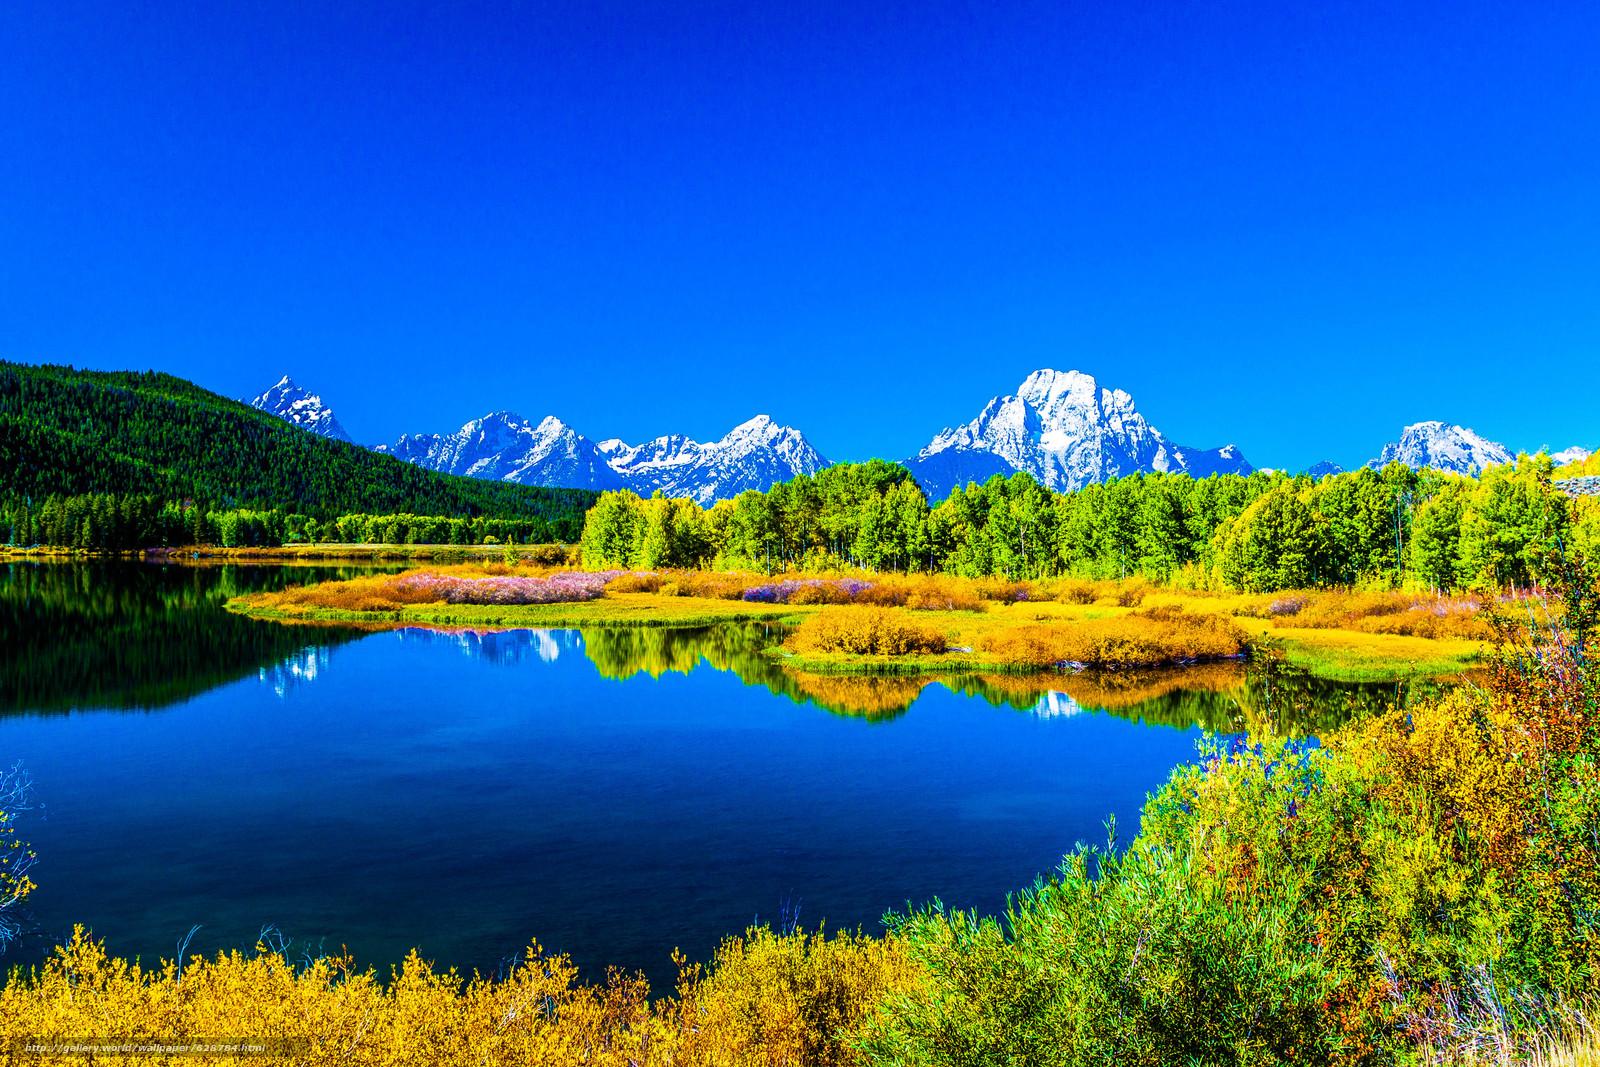 озеро, горы, деревья, осень, пейзаж